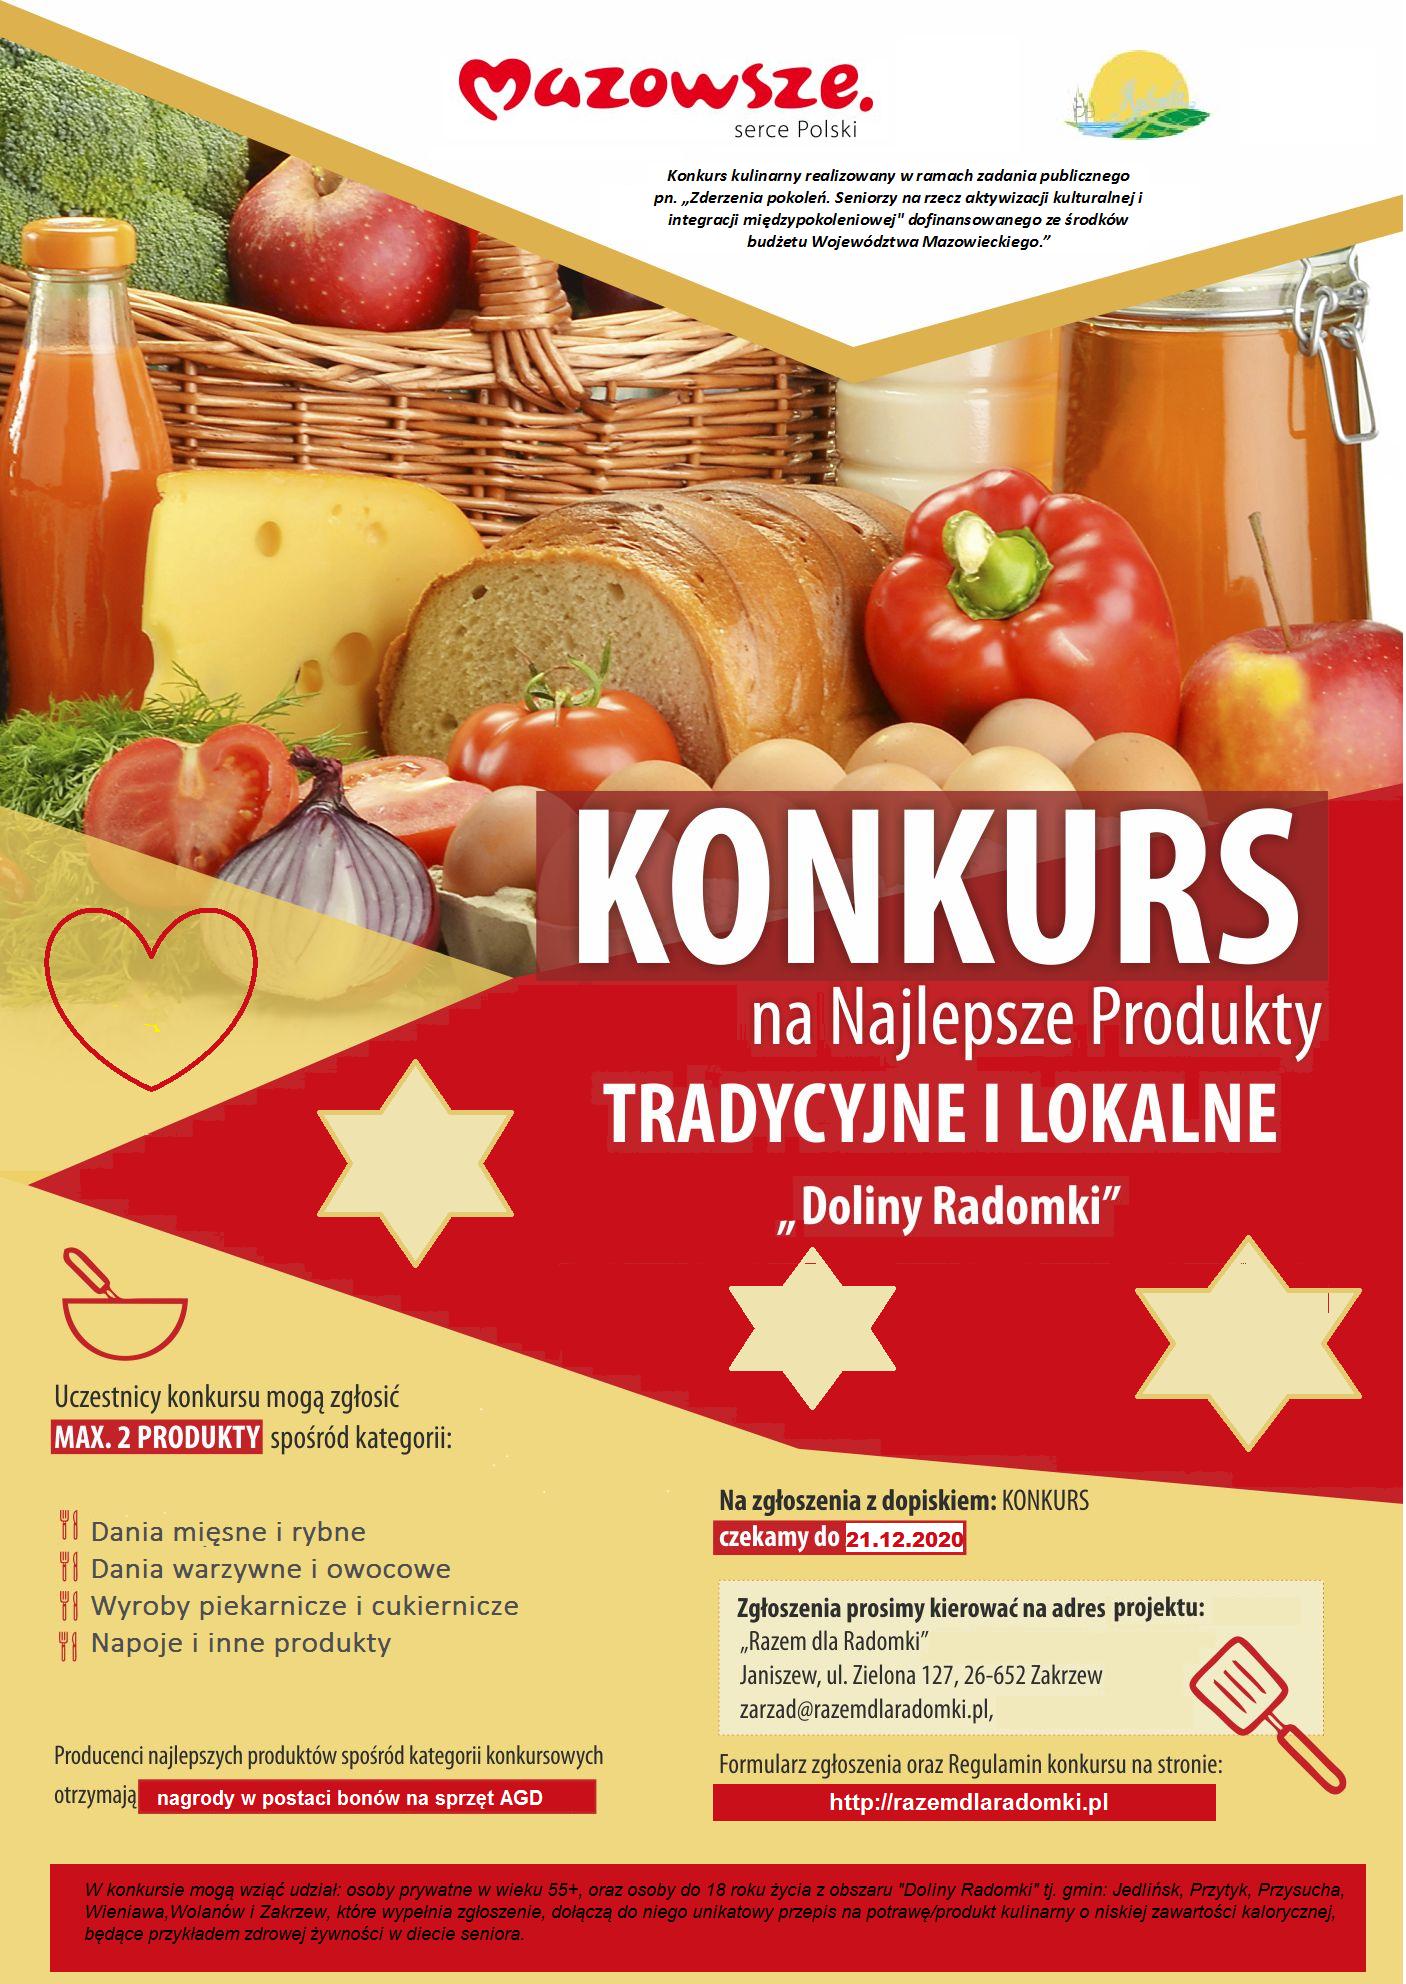 Konkurs na Najlepsze Produkty Tradycyjne i Lokalne w Dolinie Radomki 2020